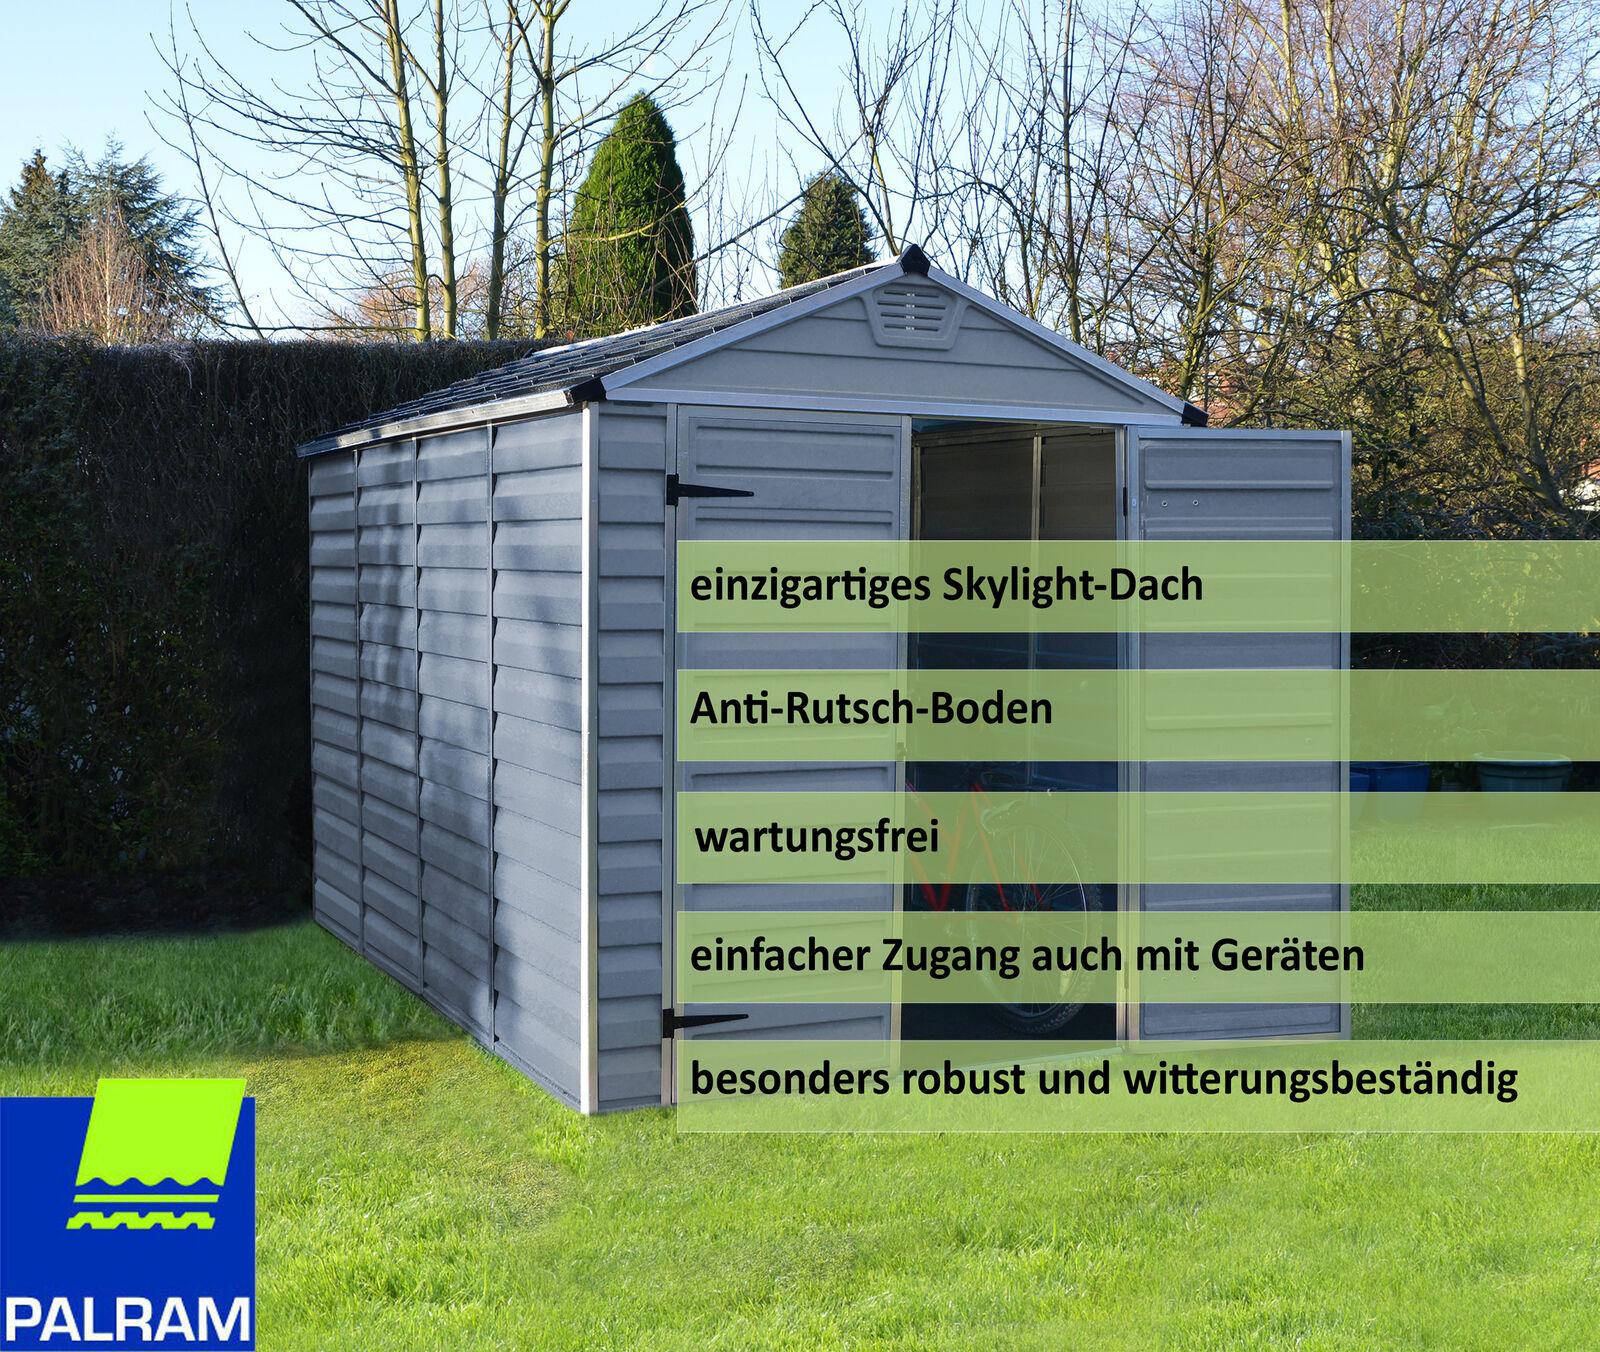 Palram Geräteschuppen Gartenhaus Lagerhaus Schuppen Skylight 6X10 Alu stahlgrau